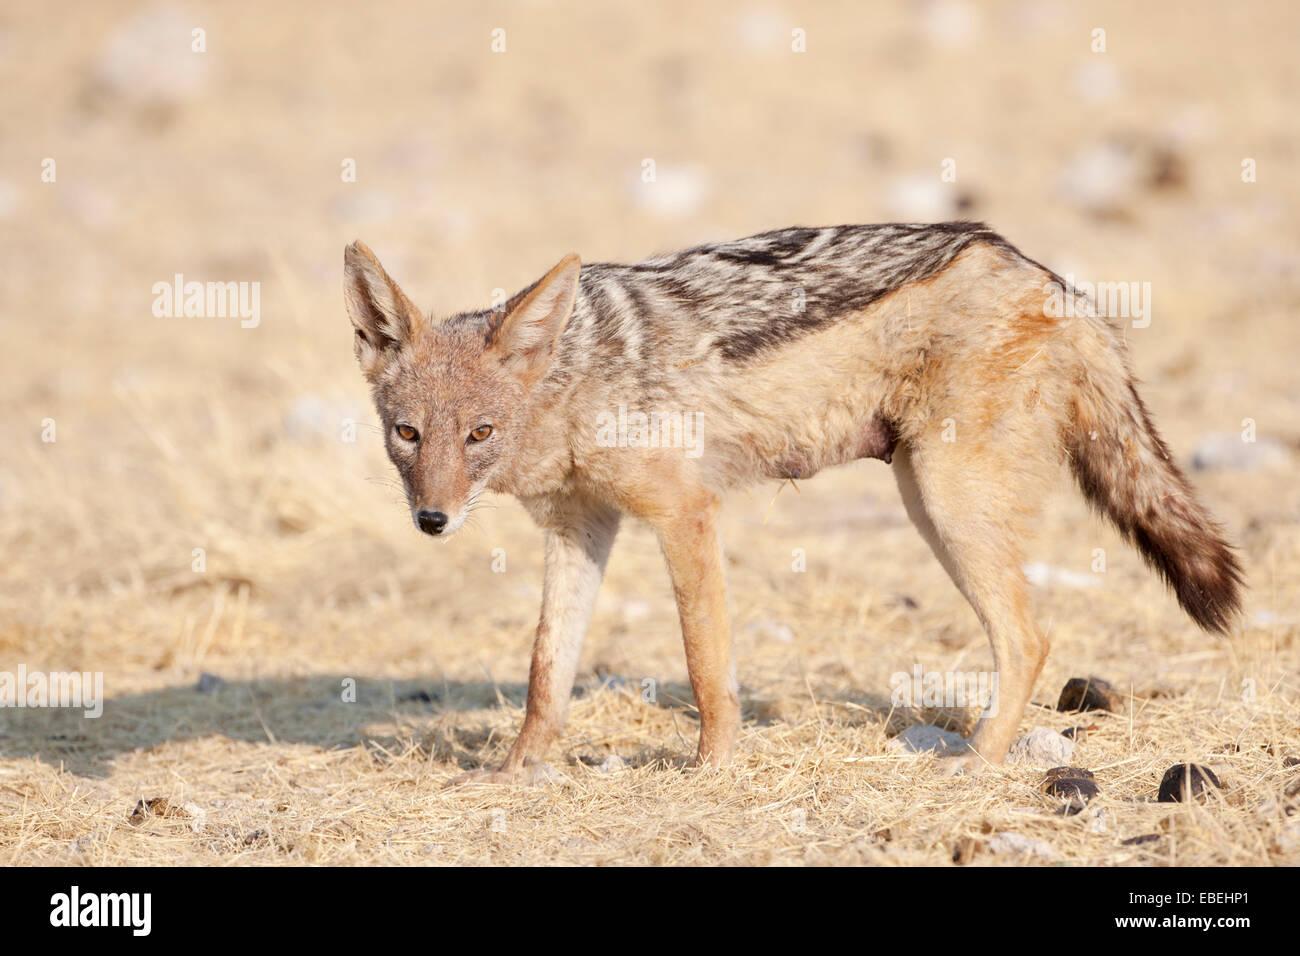 Le Chacal à dos noir (Canis mesomelas) marche dans la prairie et looking at camera, Etosha National Park, Namibie. Banque D'Images